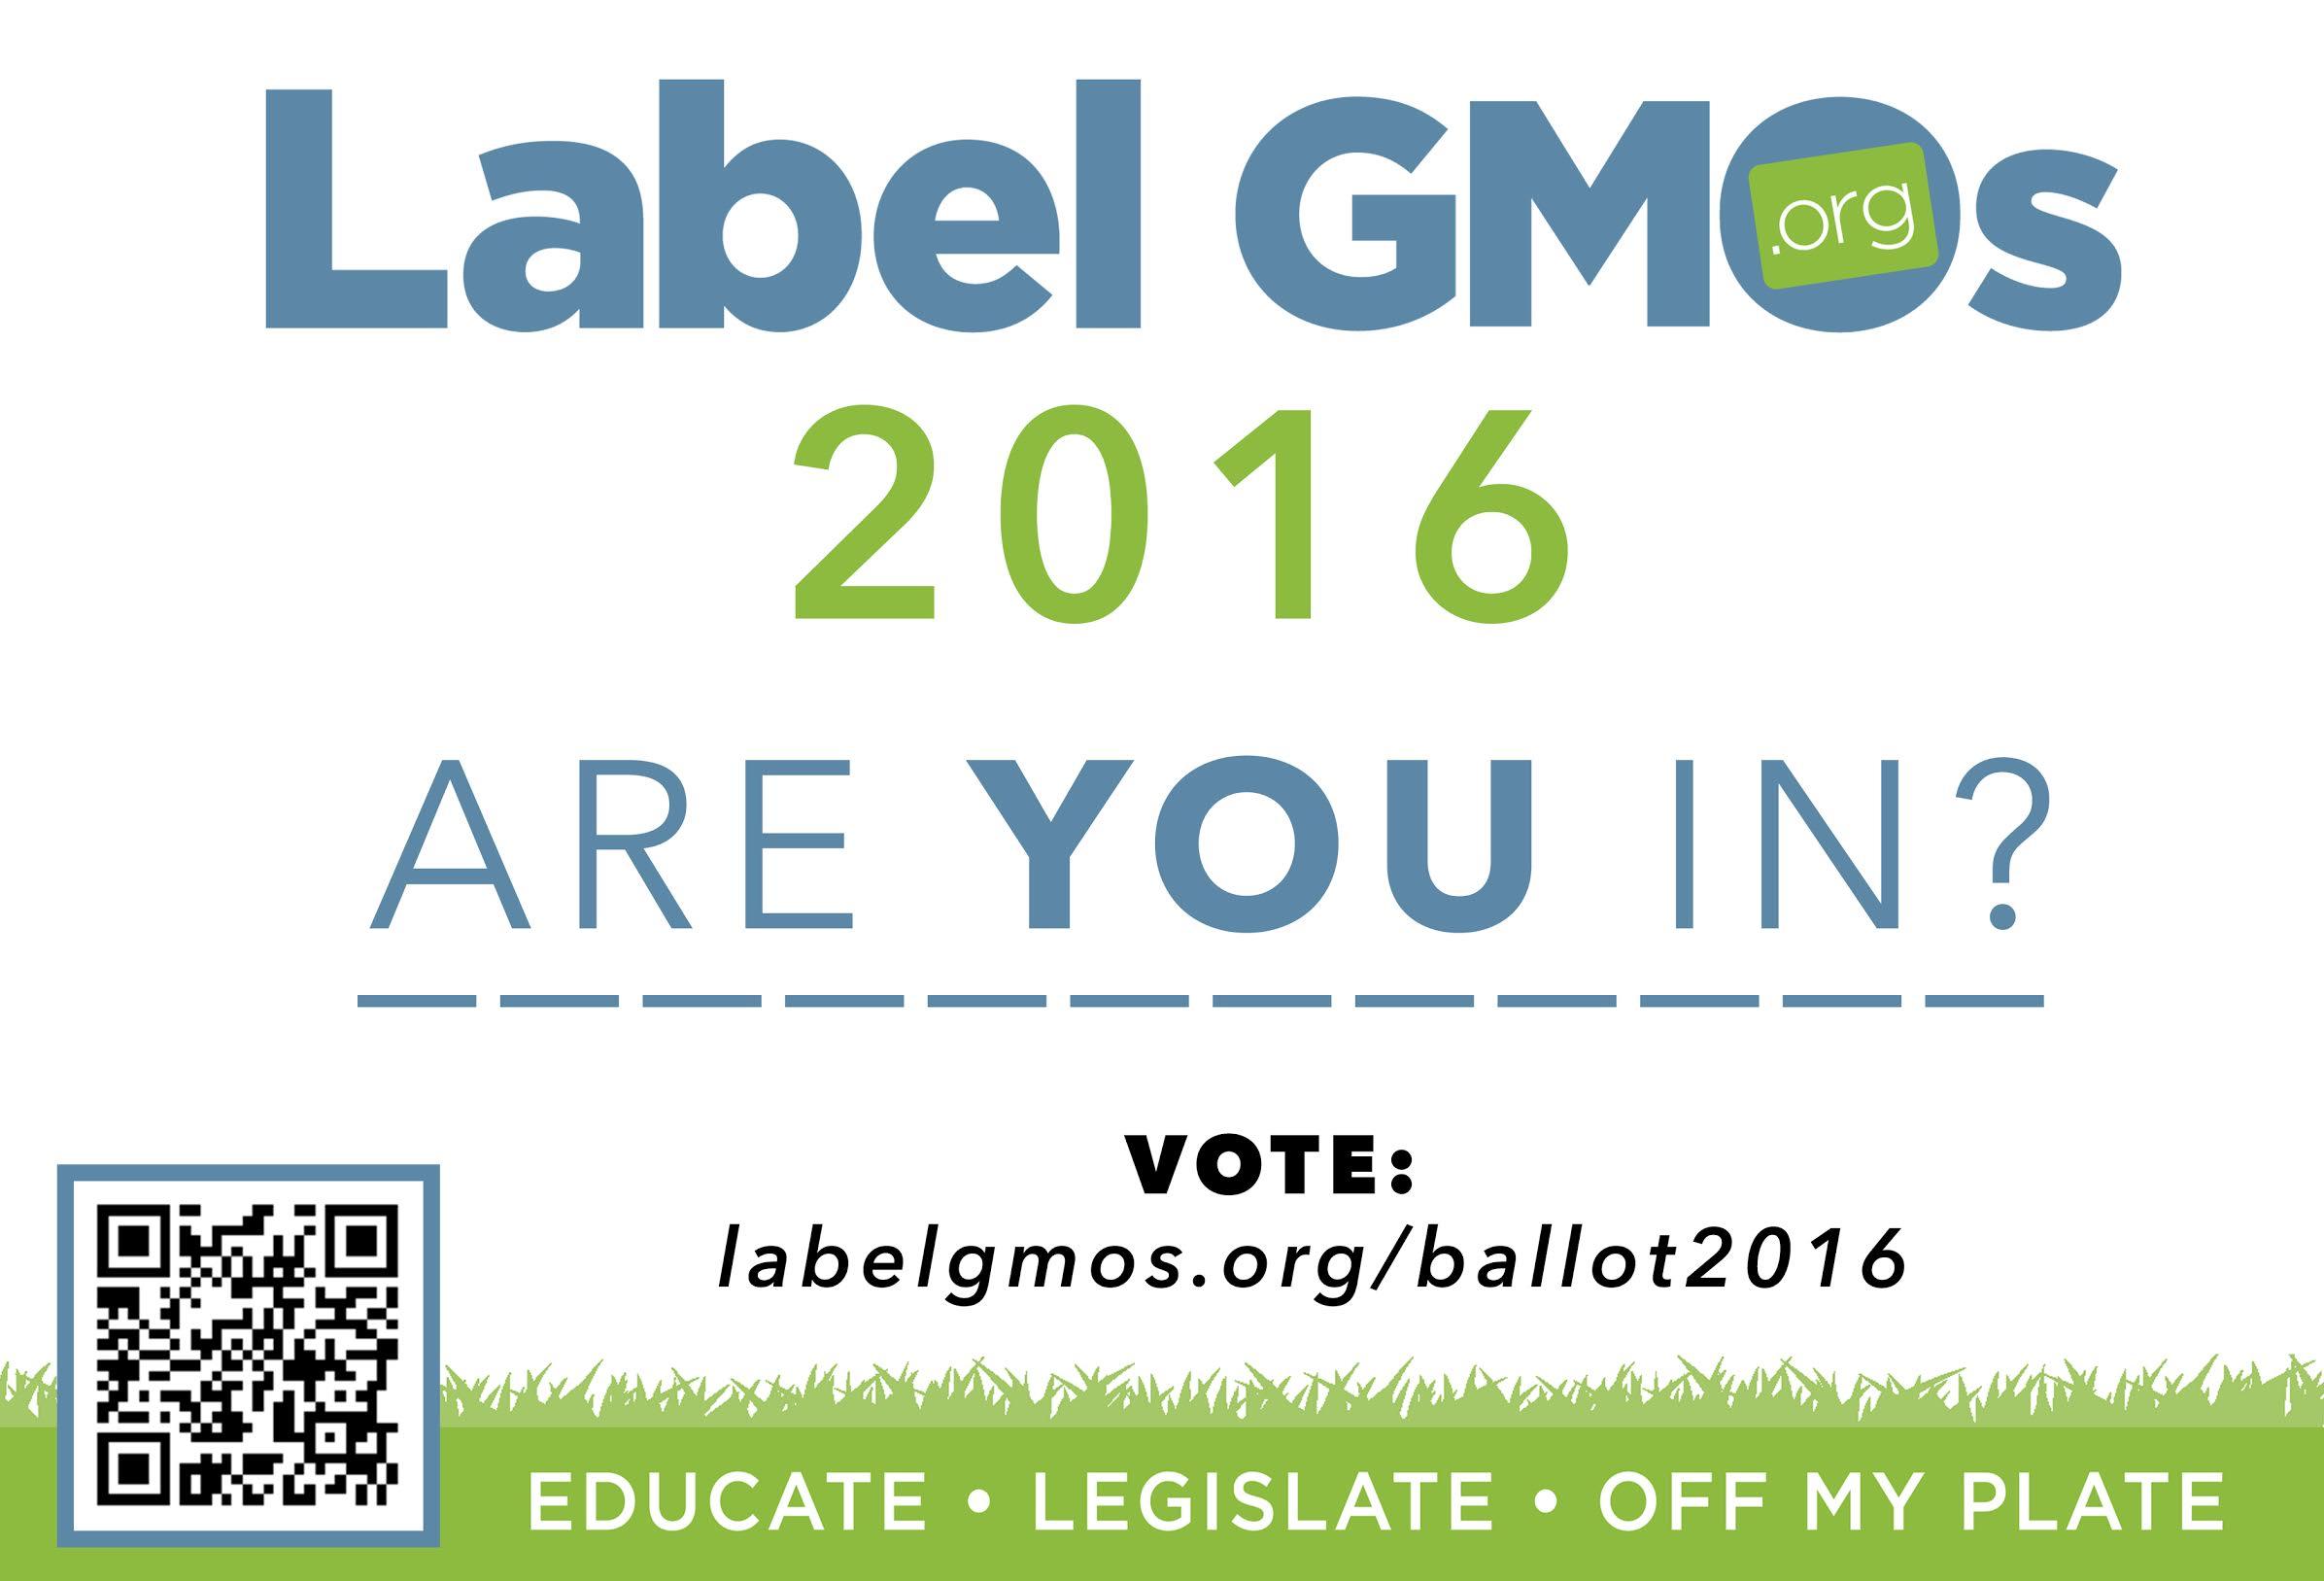 vote2016.jpg